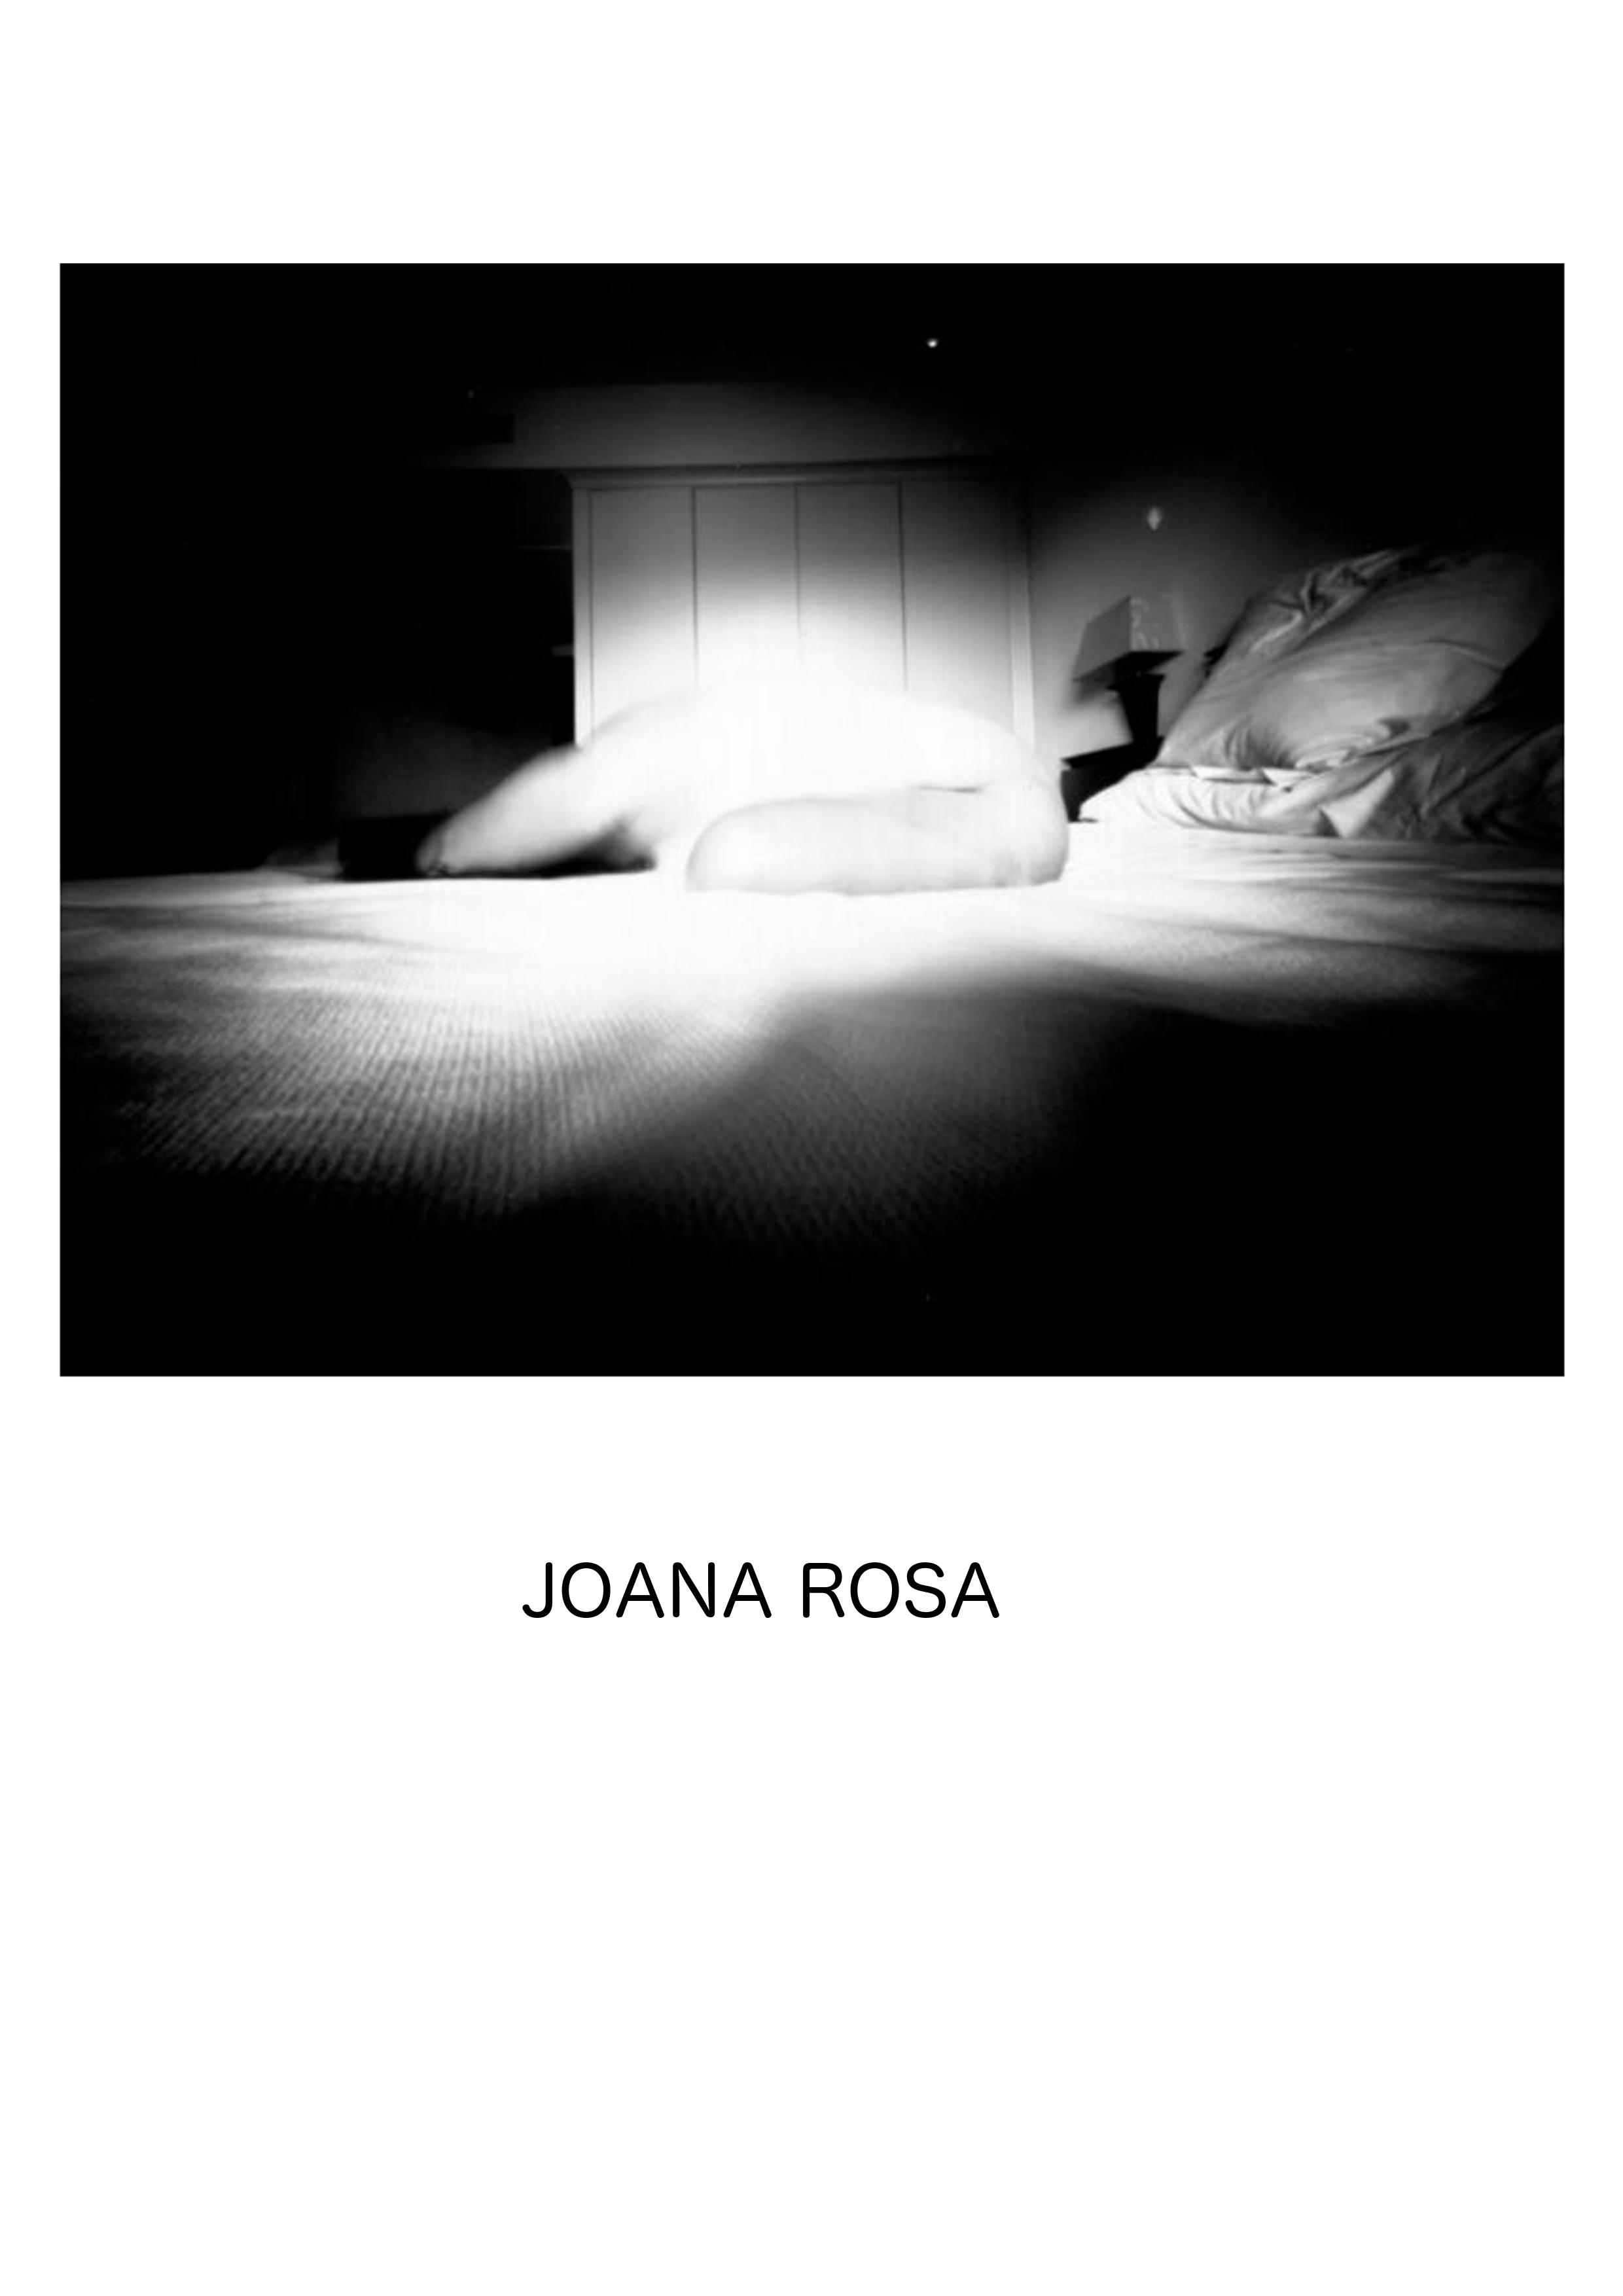 sessio-7-joana-rosa